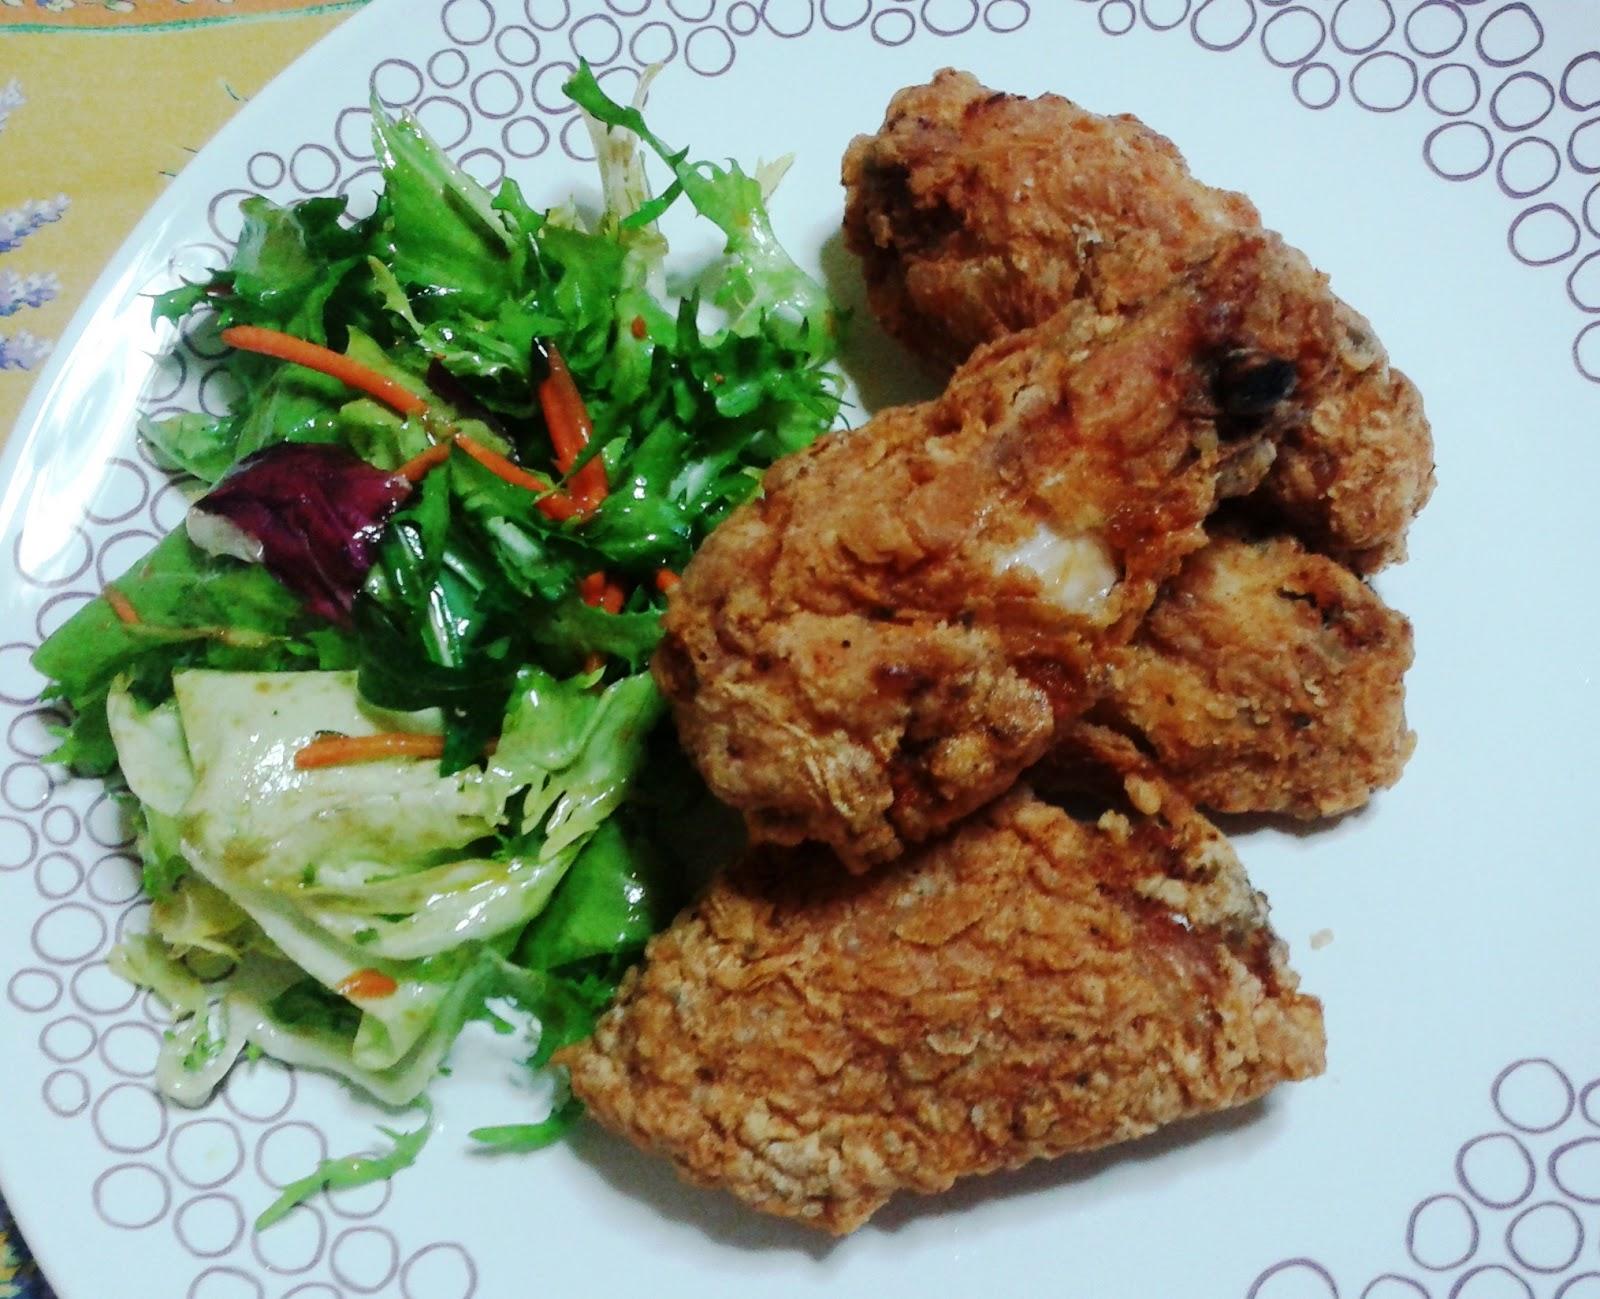 ricetta per ali di pollo al forno per dieta